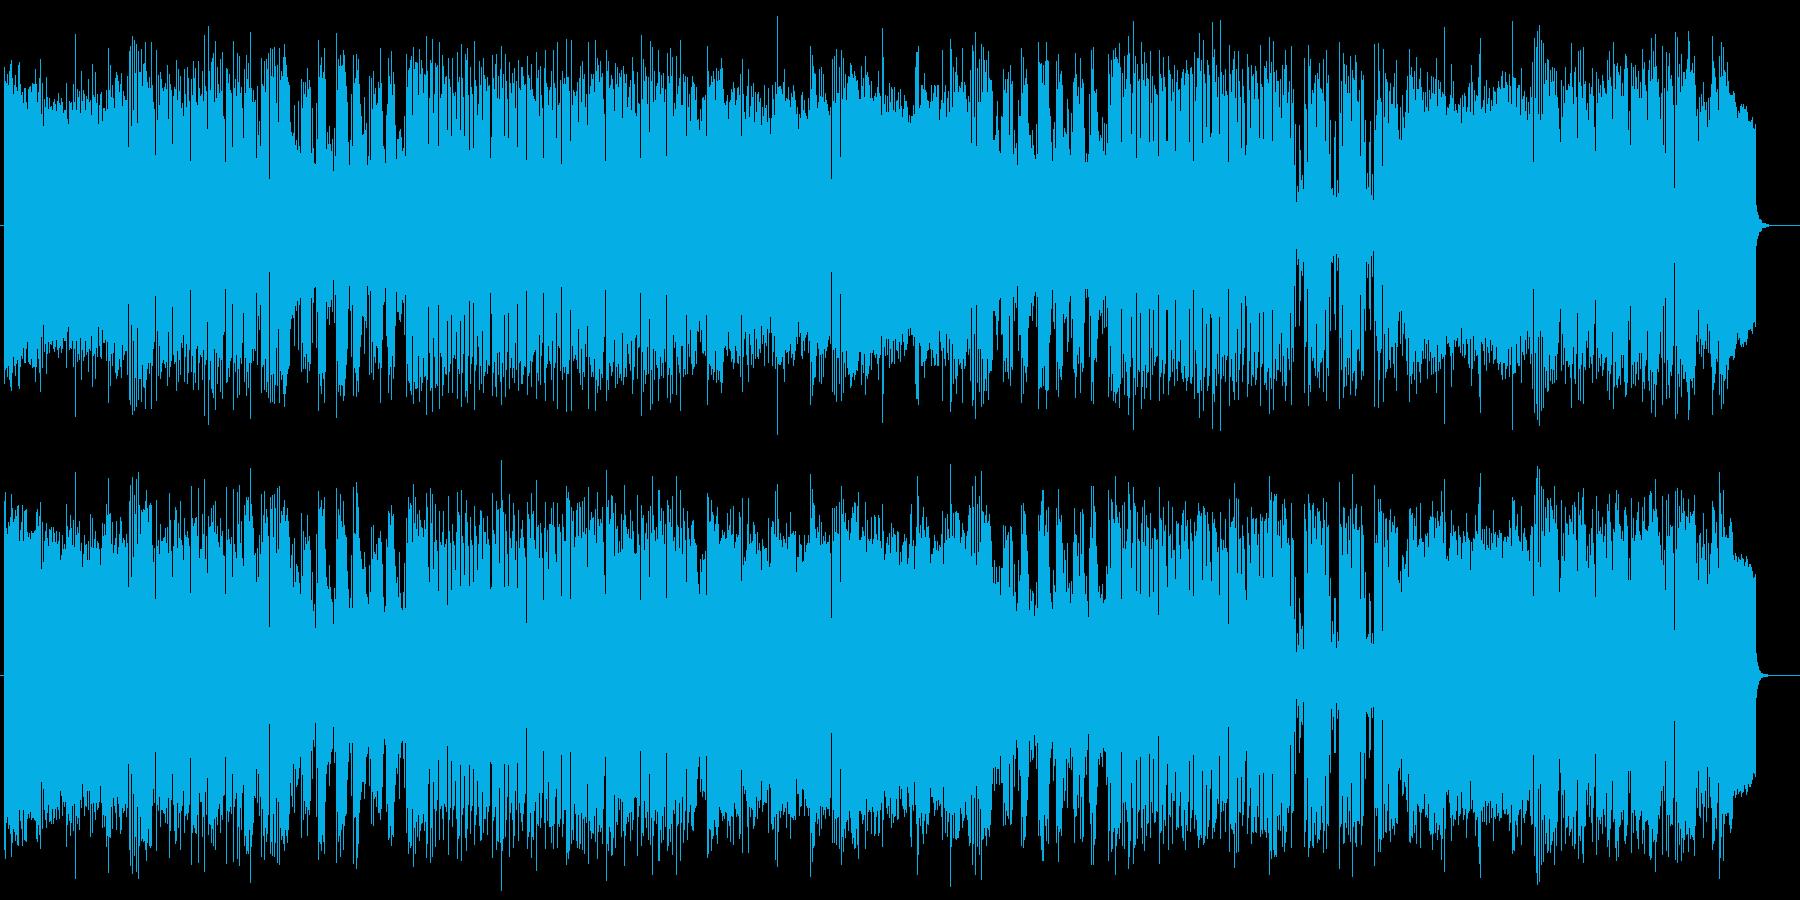 前進するようなスピード感があるポップスの再生済みの波形